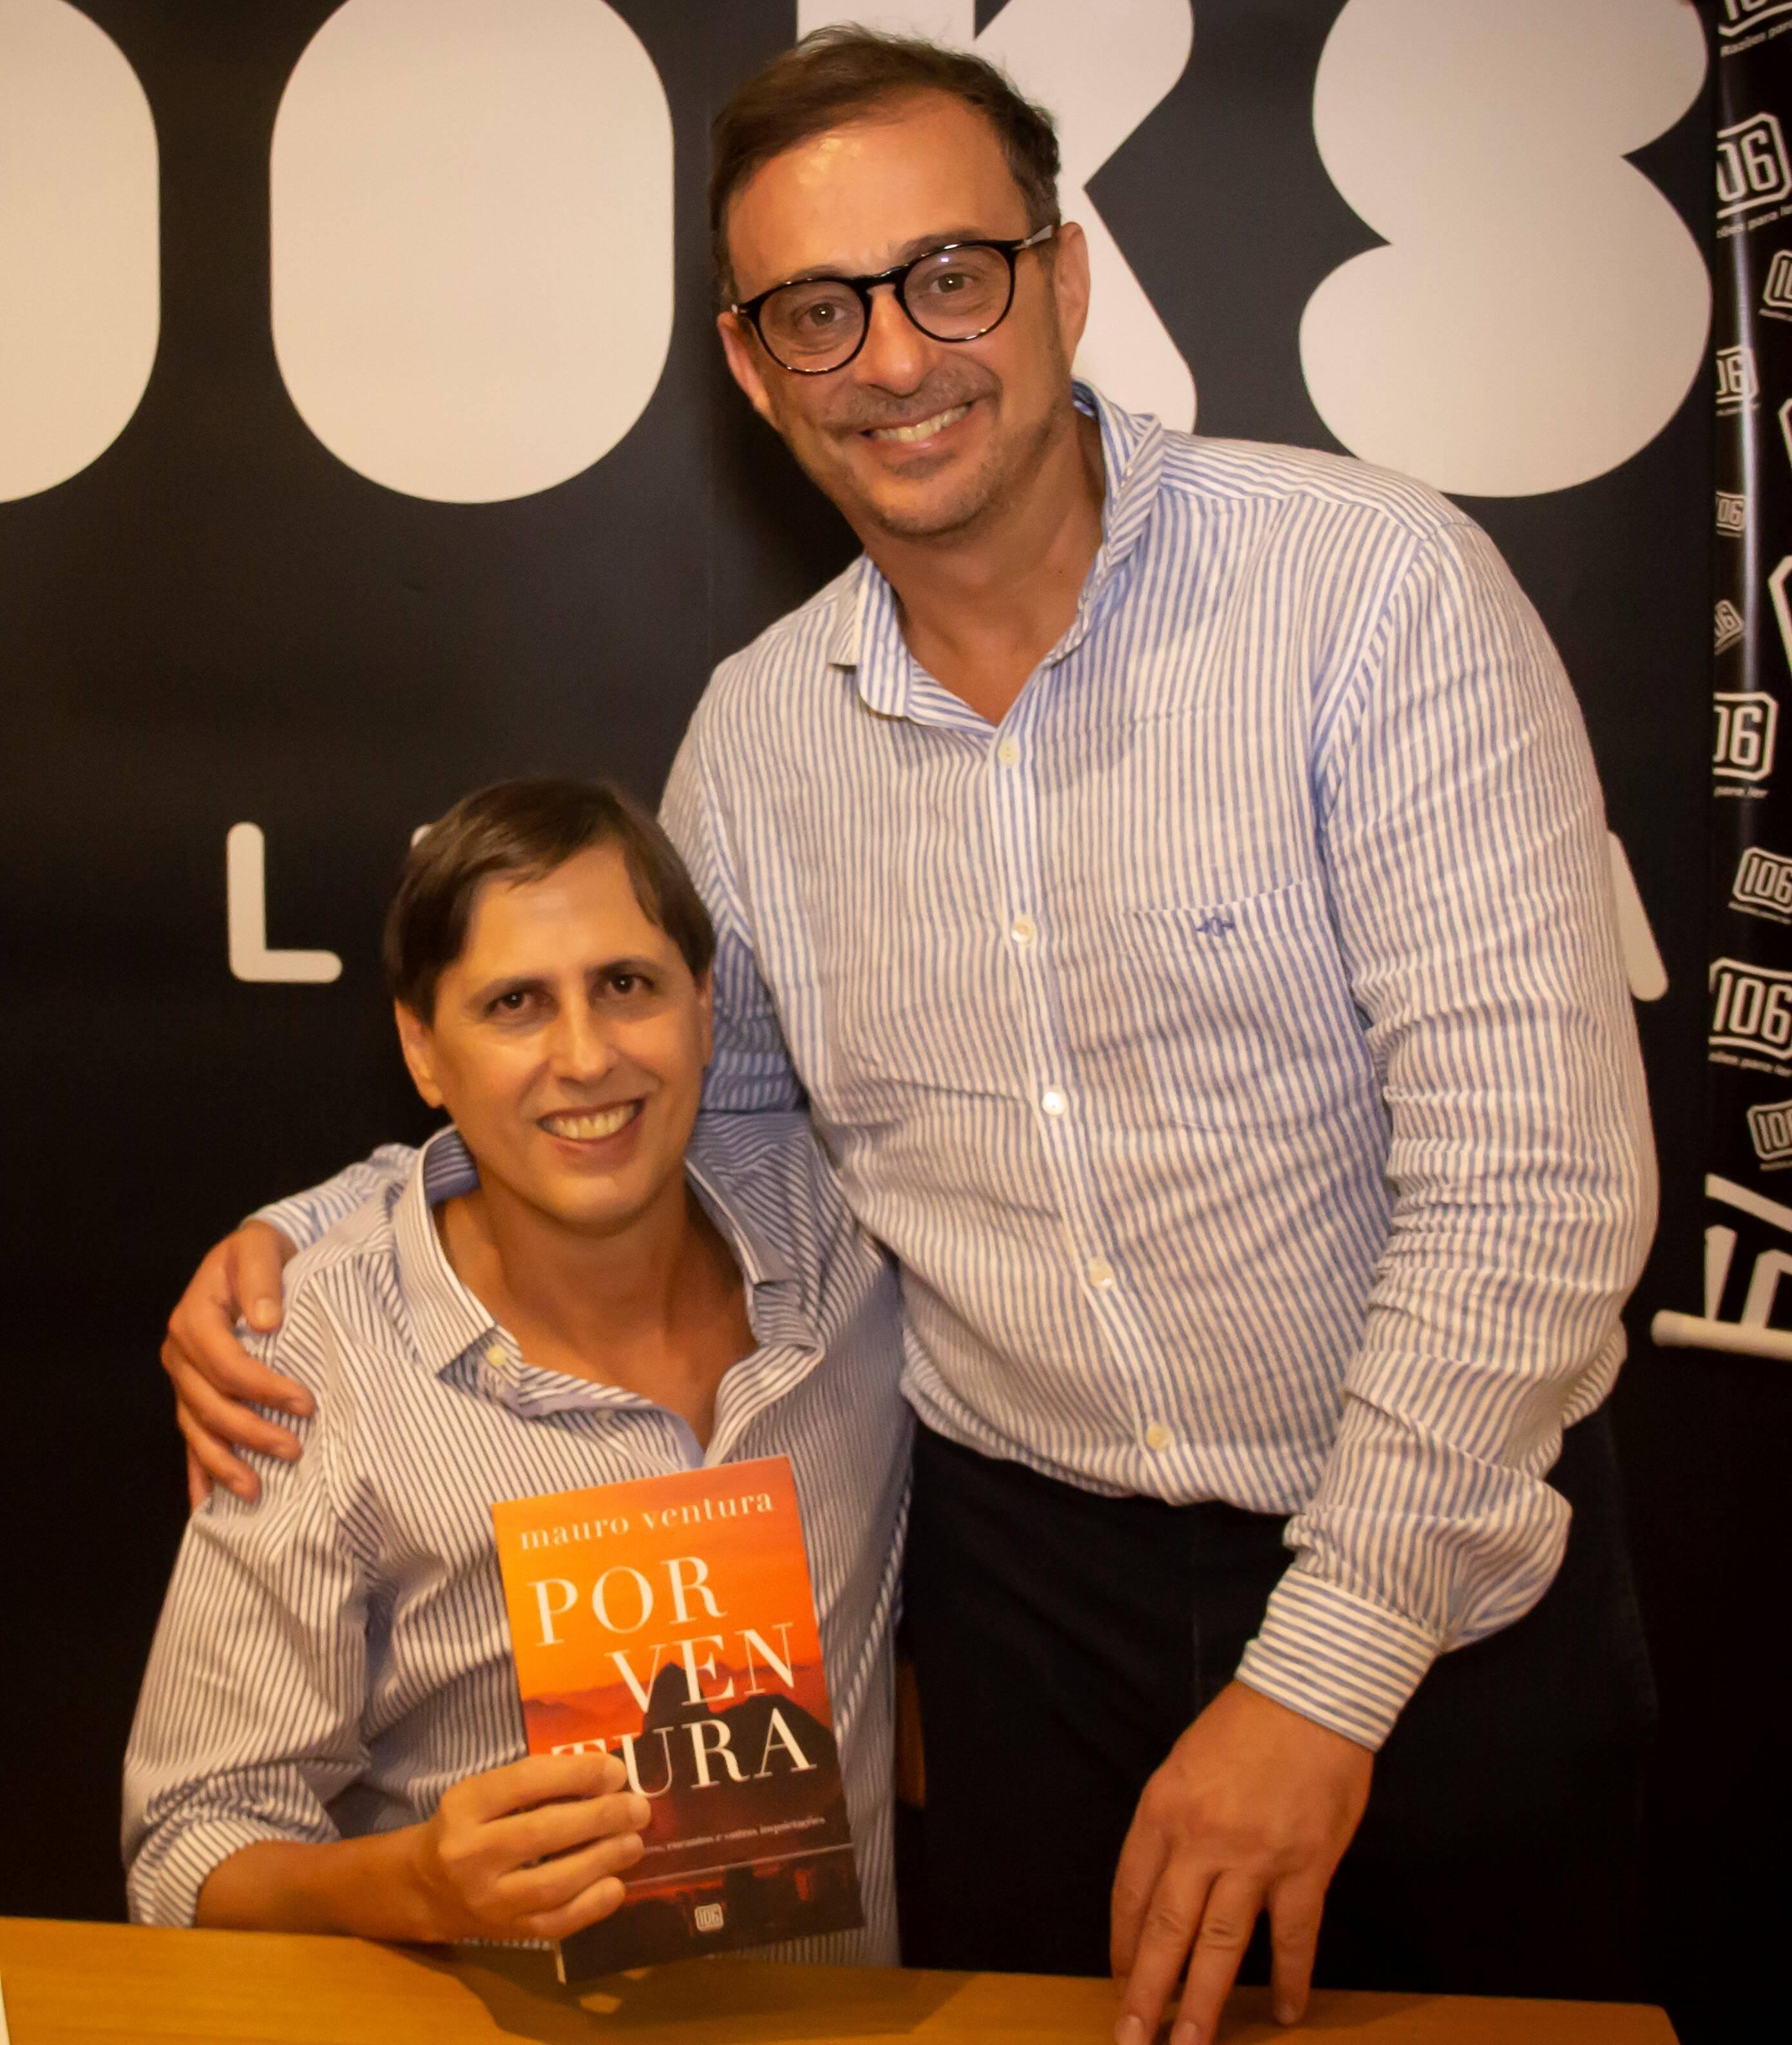 Mauro com o comentarista da Globonews Octávio Guedes /Foto: Marcelo Brandão